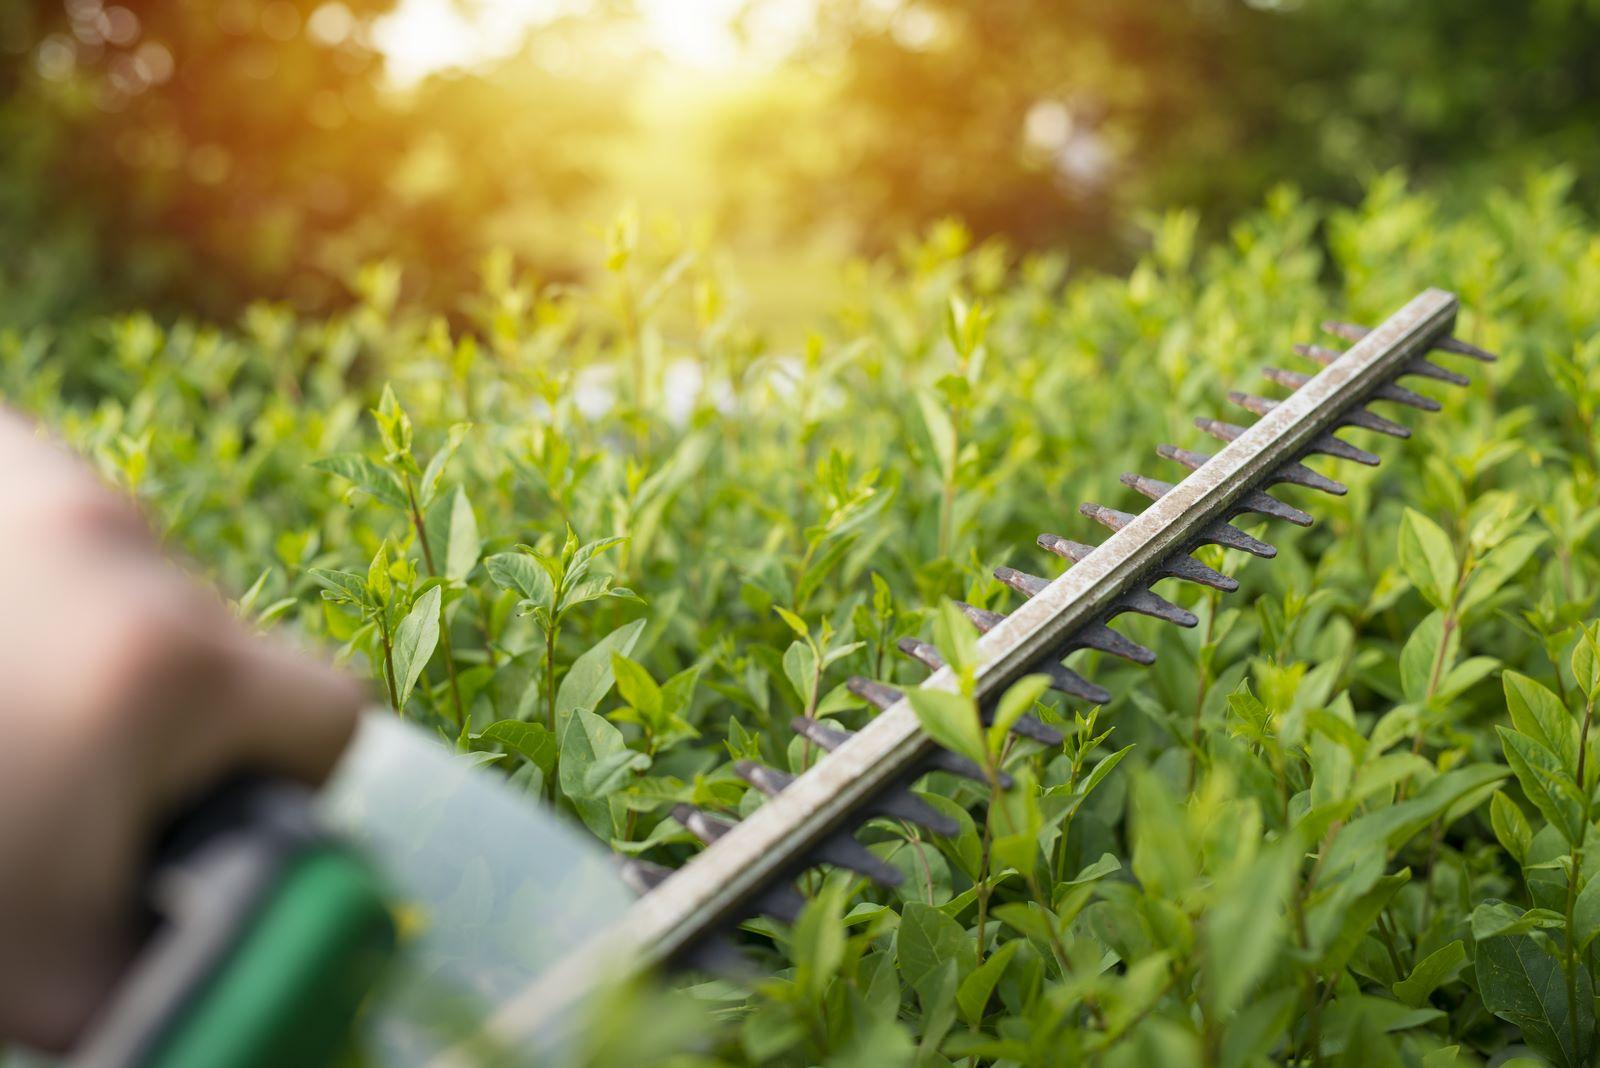 Riparazione attrezzature giardinaggio